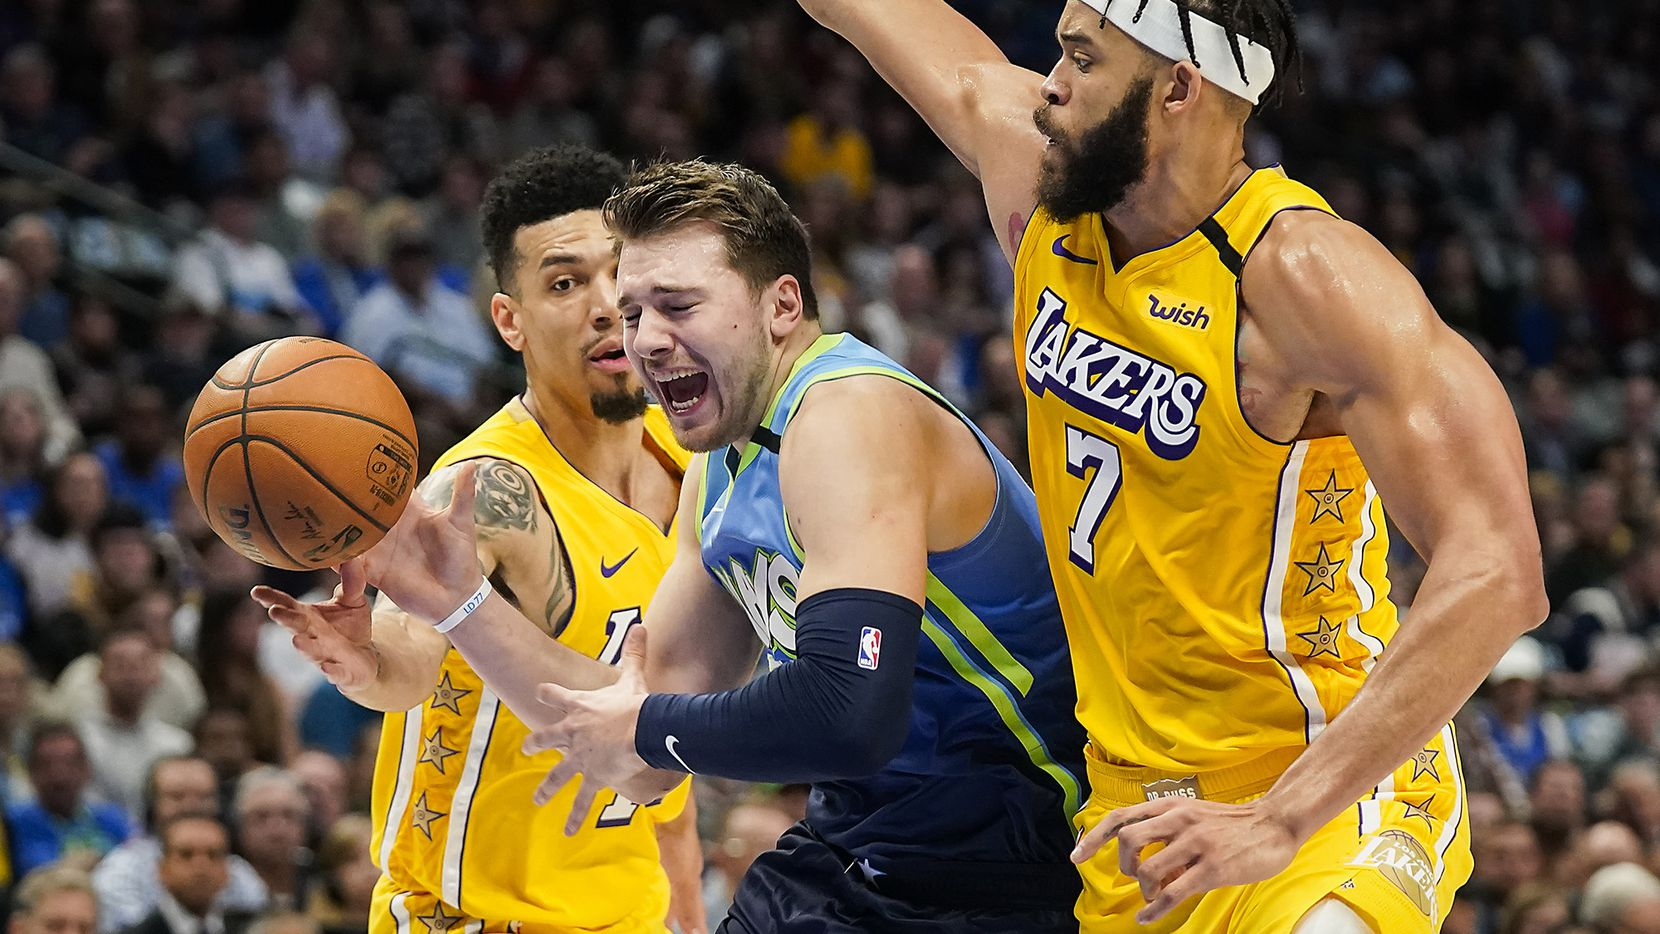 El jugador de los Dallas Mavericks, Luka Doncic, pasa en medio de dos jugadores de los Lakers de Los Ángeles durante un partido efectuado el 10 de enero de 2020 en el American Airlines Center de Dallas.